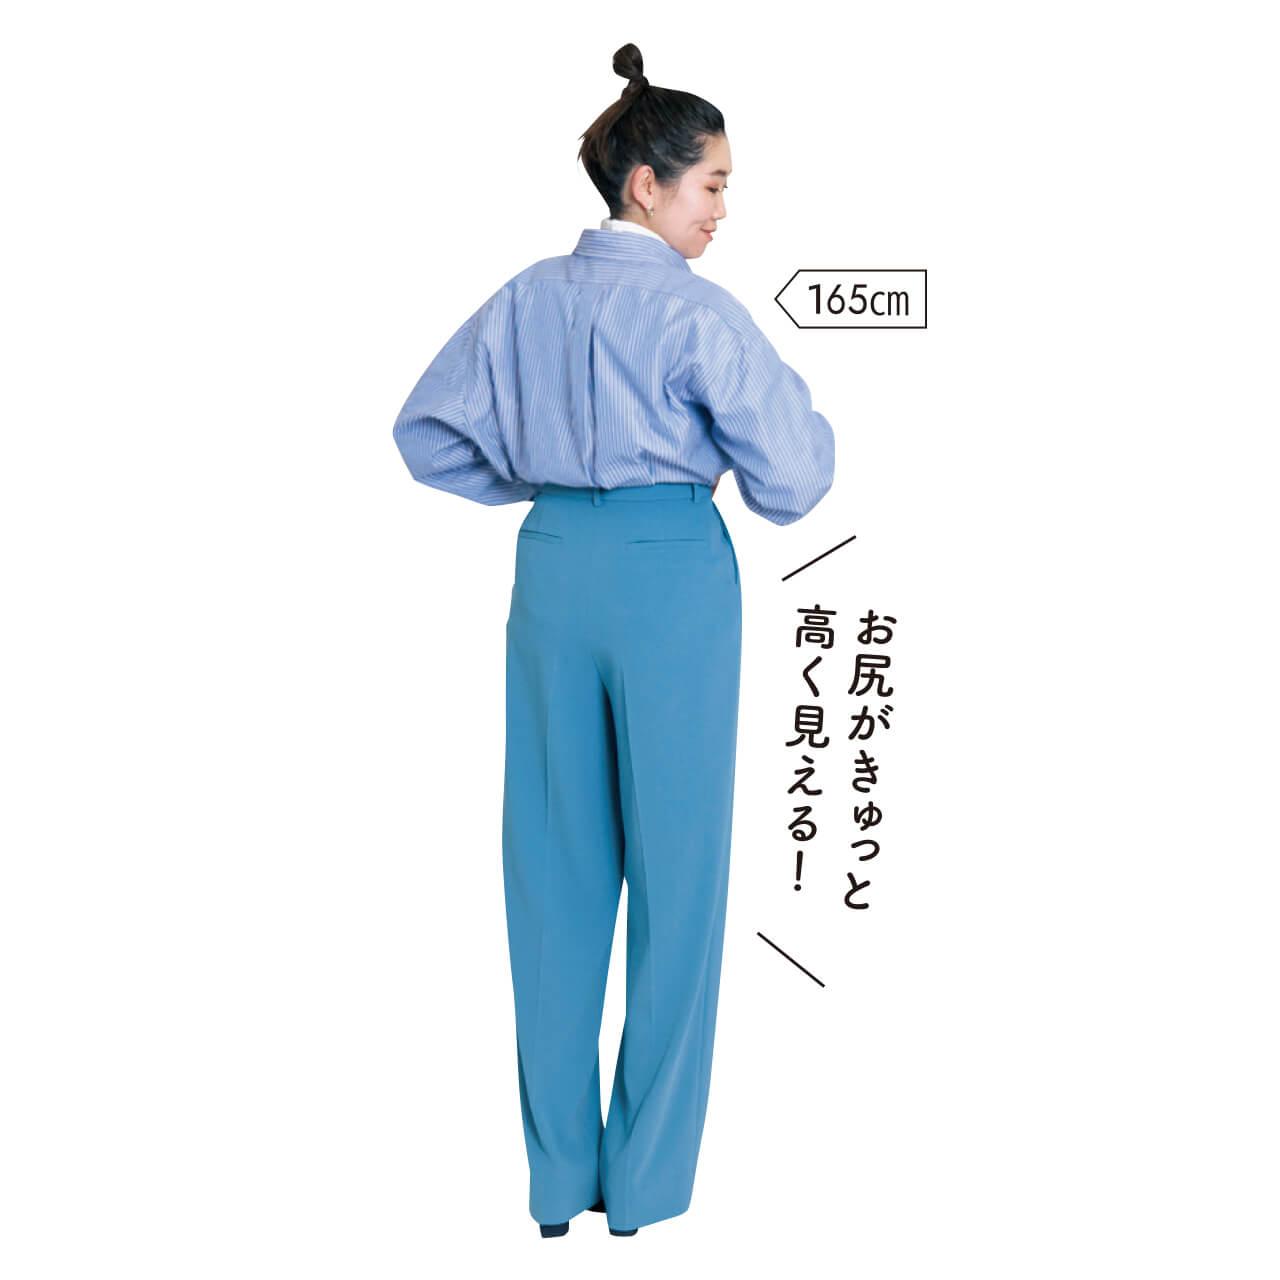 Editionの「ジョーゼットタックパンツ」を試着!165cm スタイリスト亀甲さん「お尻がきゅっと高く見える!」